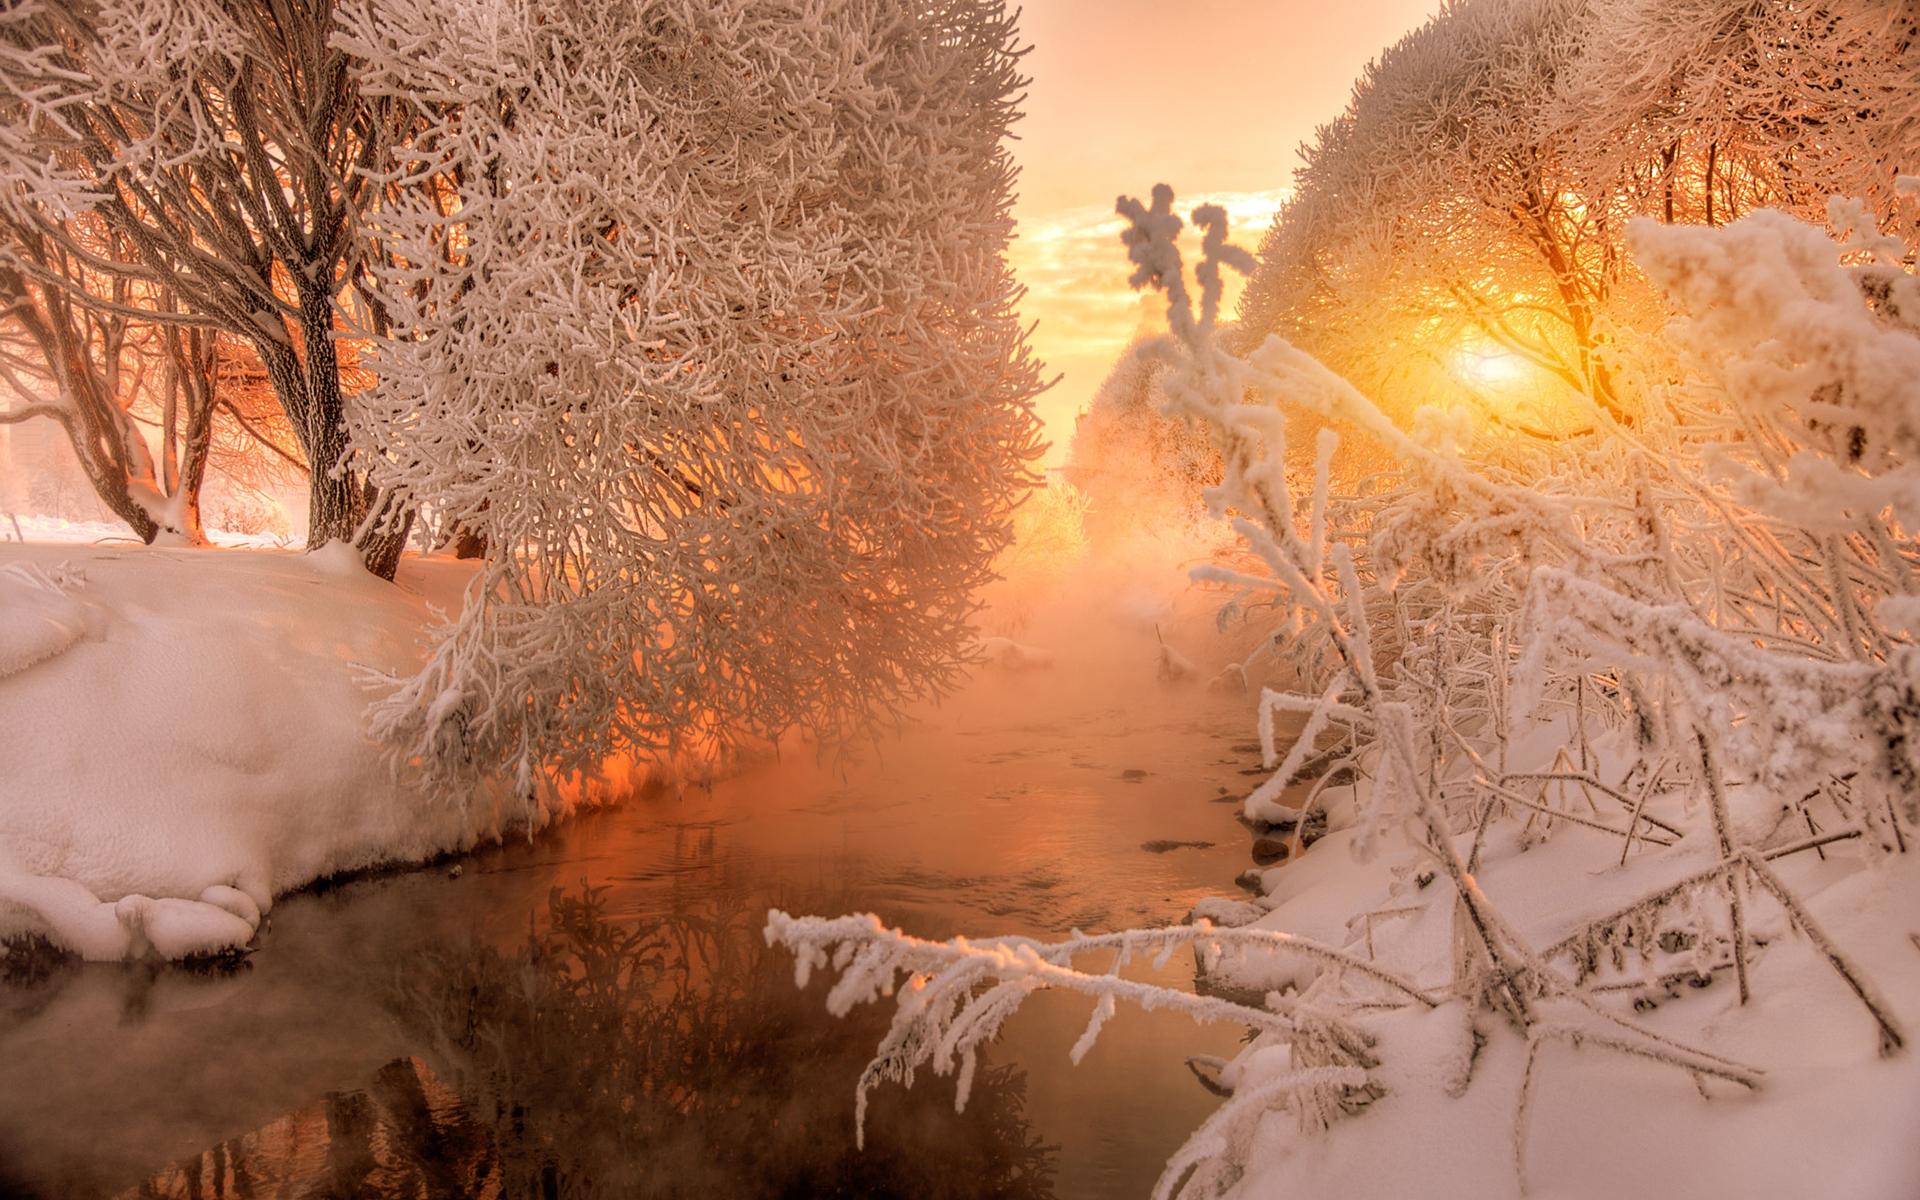 изумительного дня картинки зимние хотим удачи